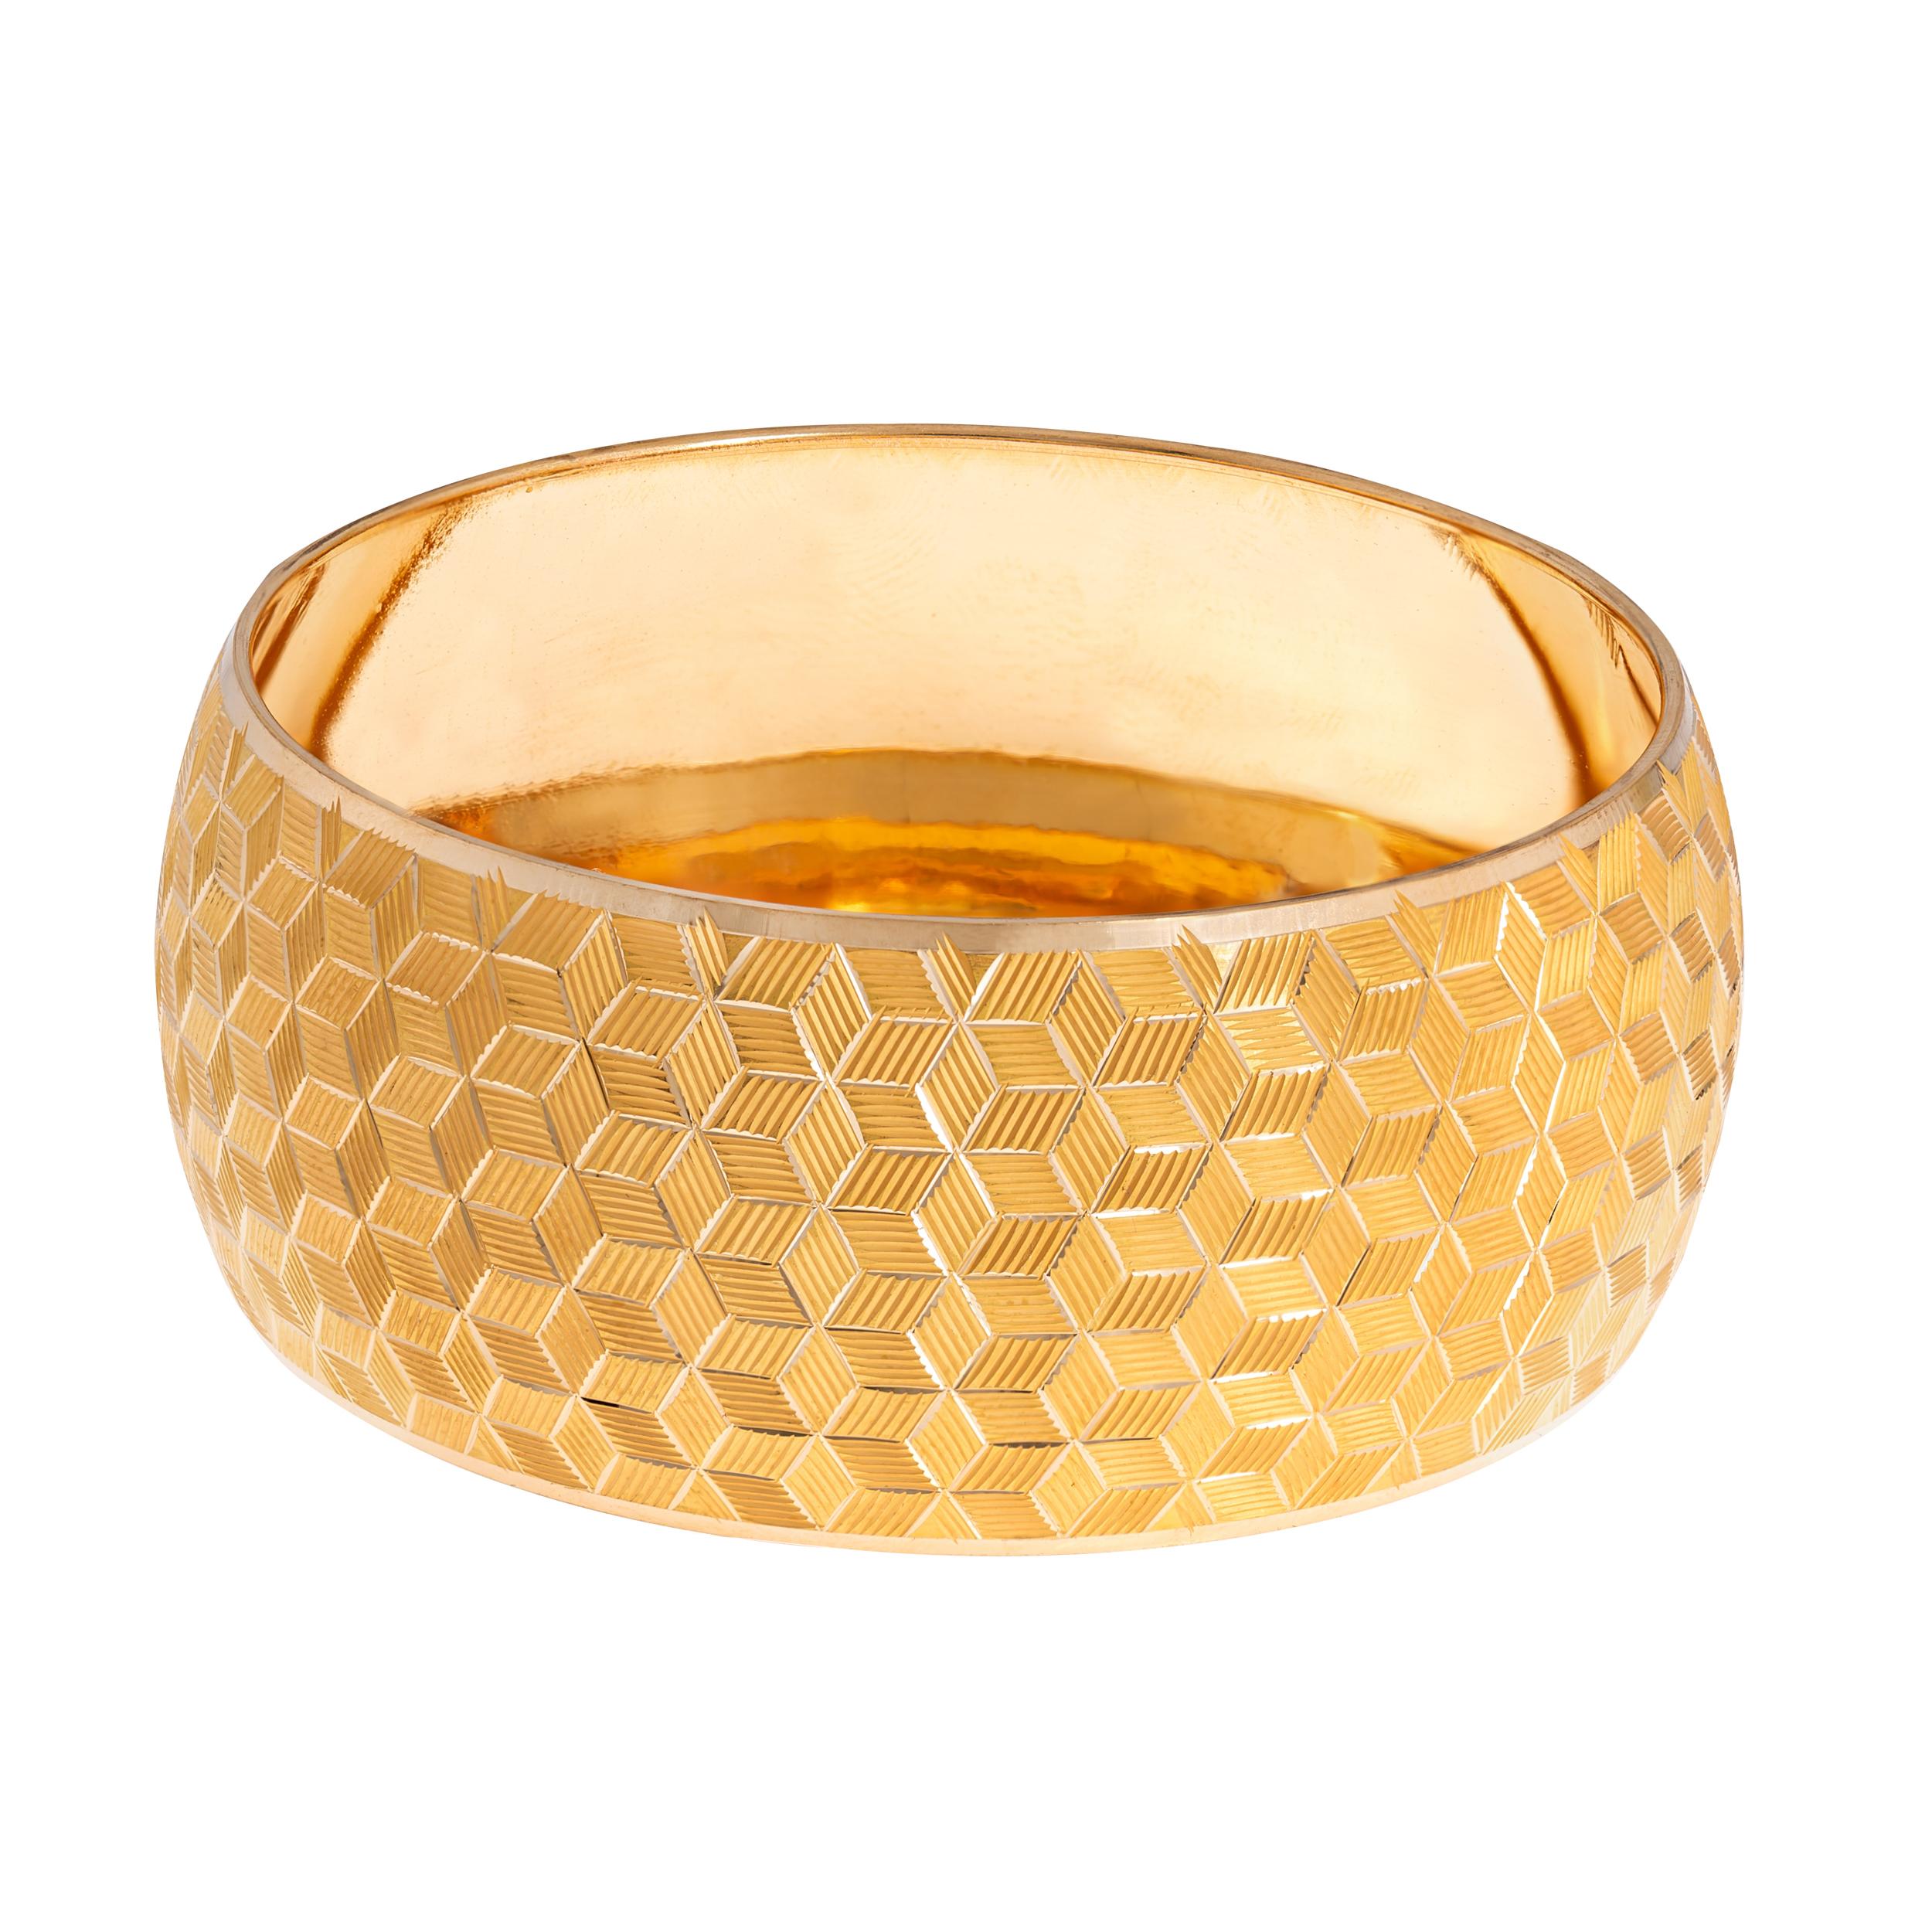 النگو طلا 18 عیار زنانه گالری یار طلا کد AL27-G-4